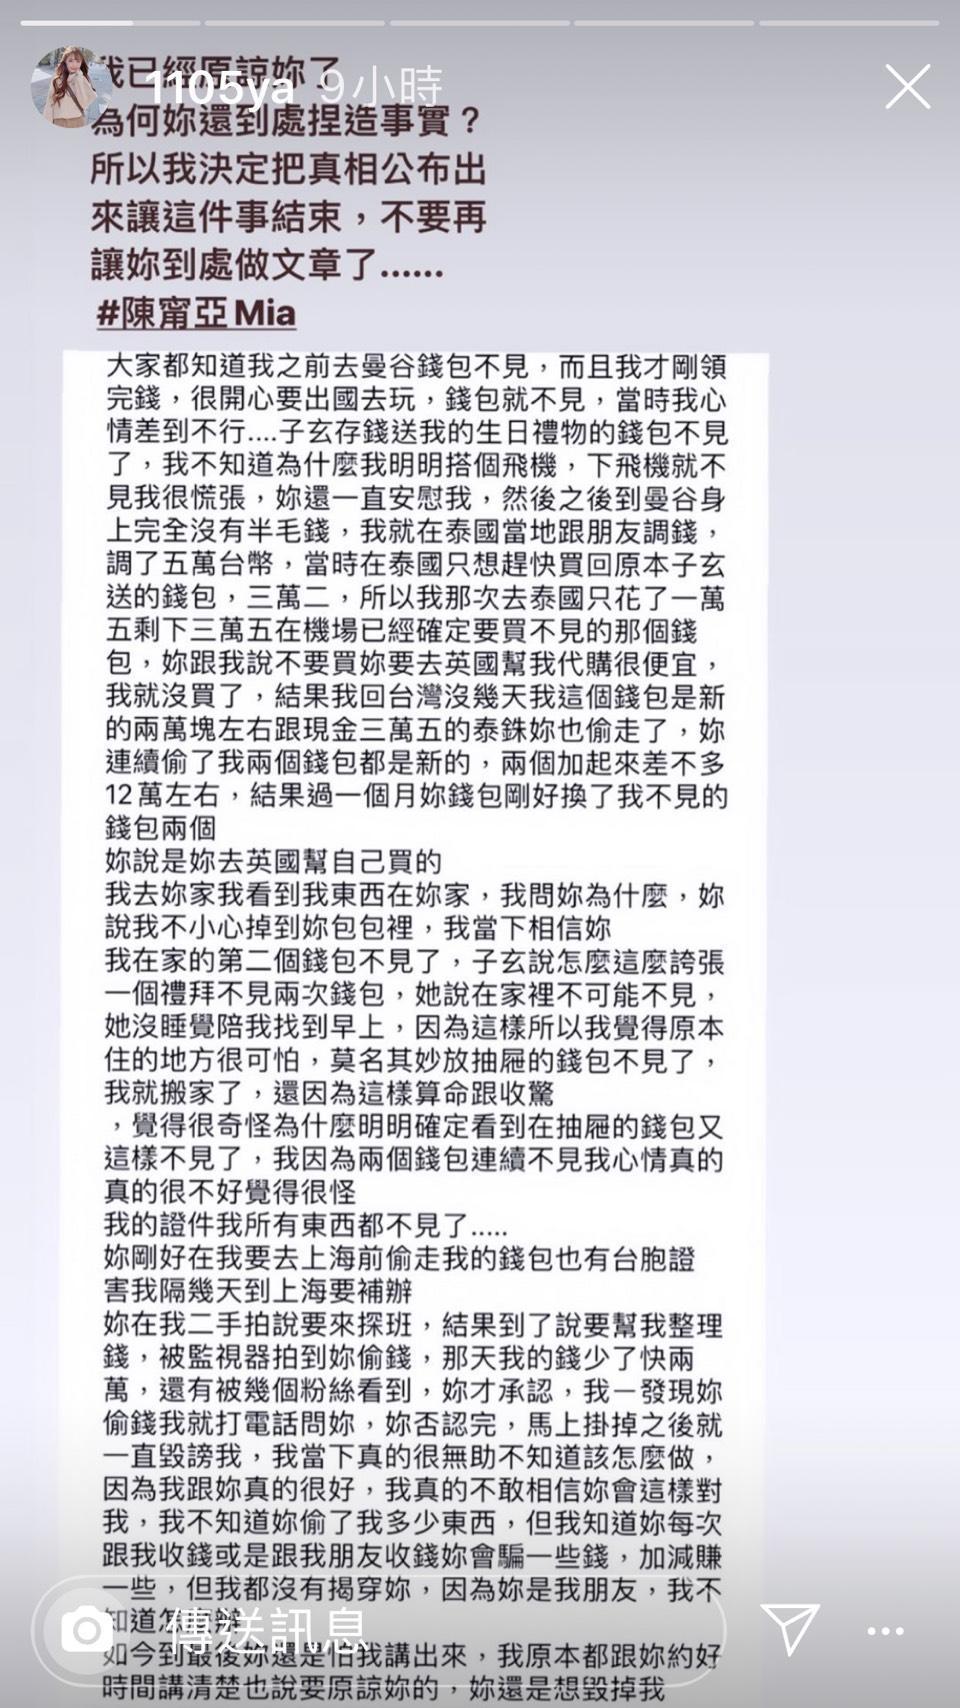 元元po出長文還原Mia偷竊事件始末。(翻攝自元元IG)